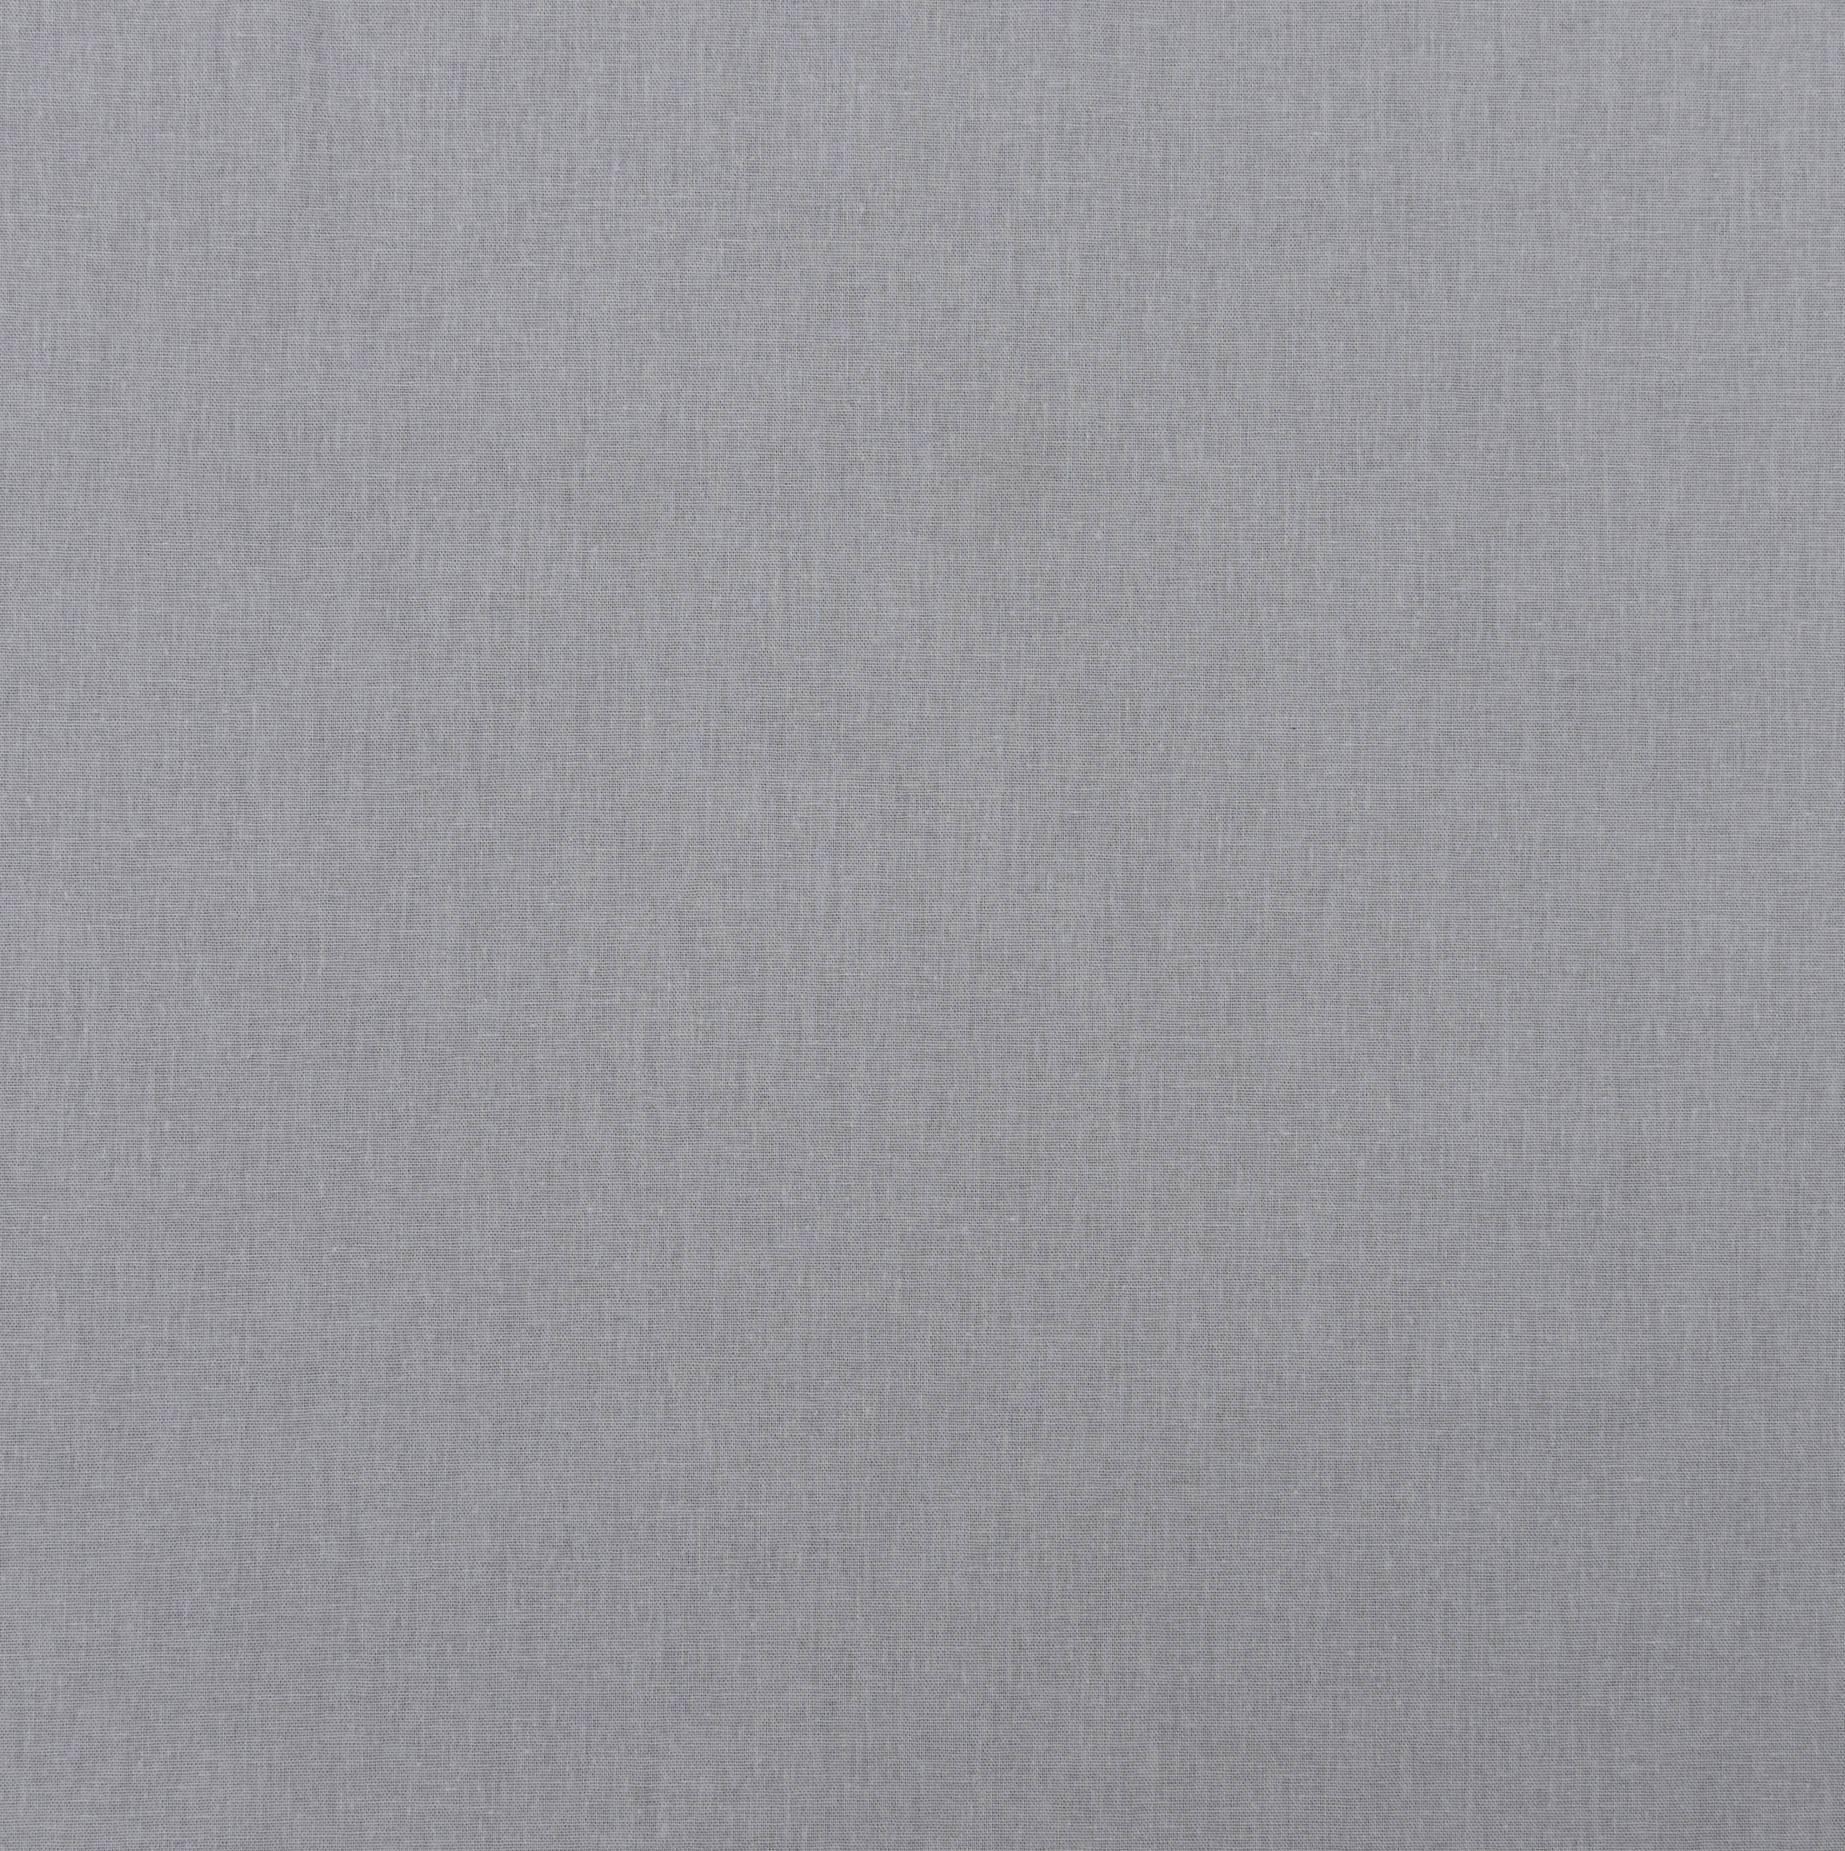 Бязь гладкокрашеная серый, 120+/-5 г/м2, 50х55 см, хлопок 100%